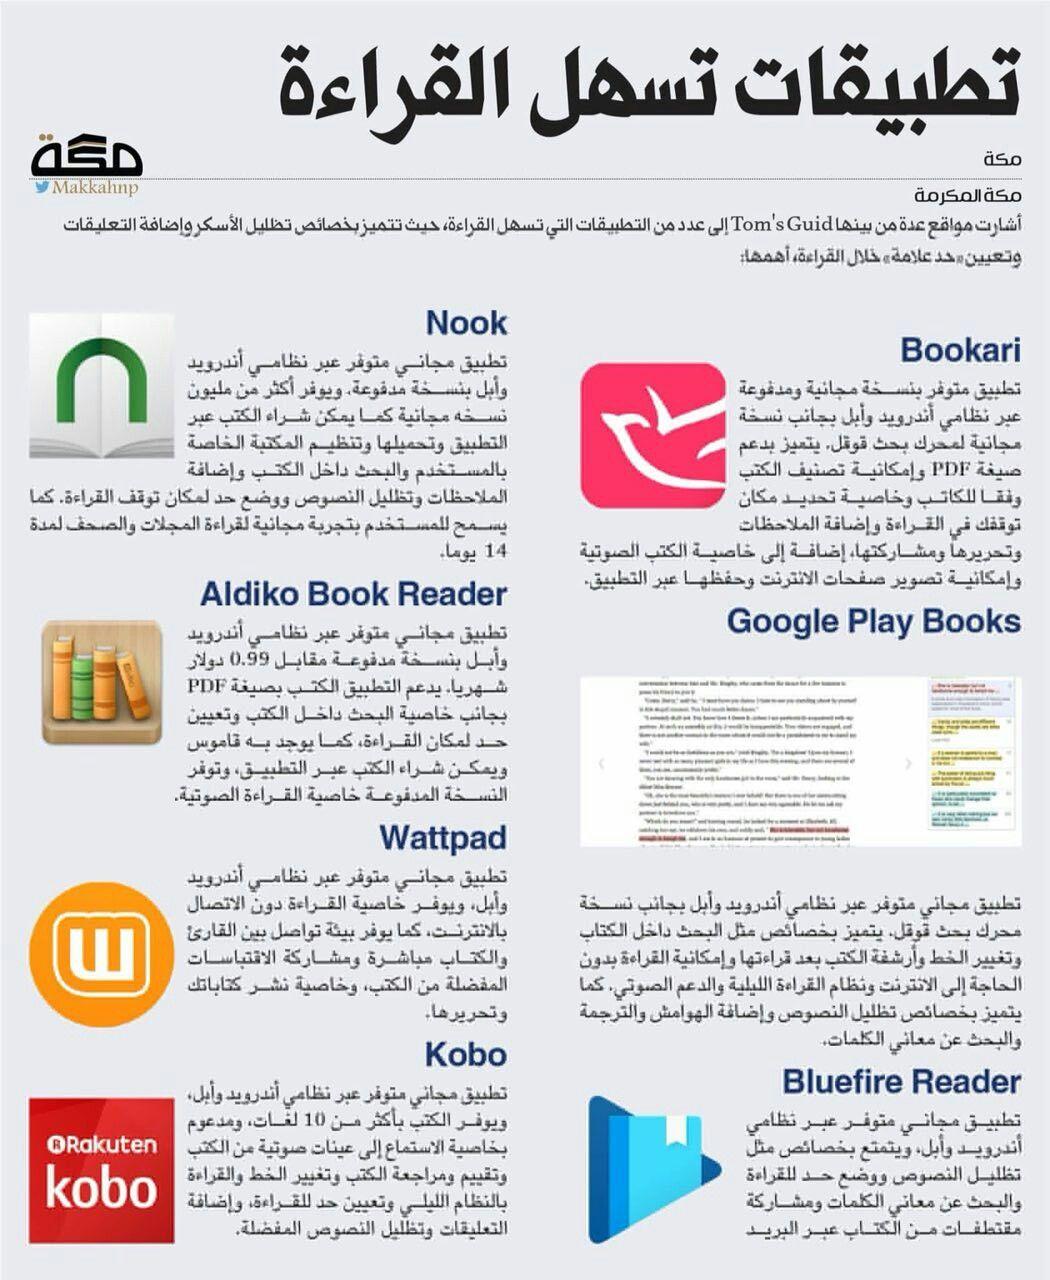 برامج تسهل فعلا قراءة الكتب Learning Websites Programming Apps Learning Apps